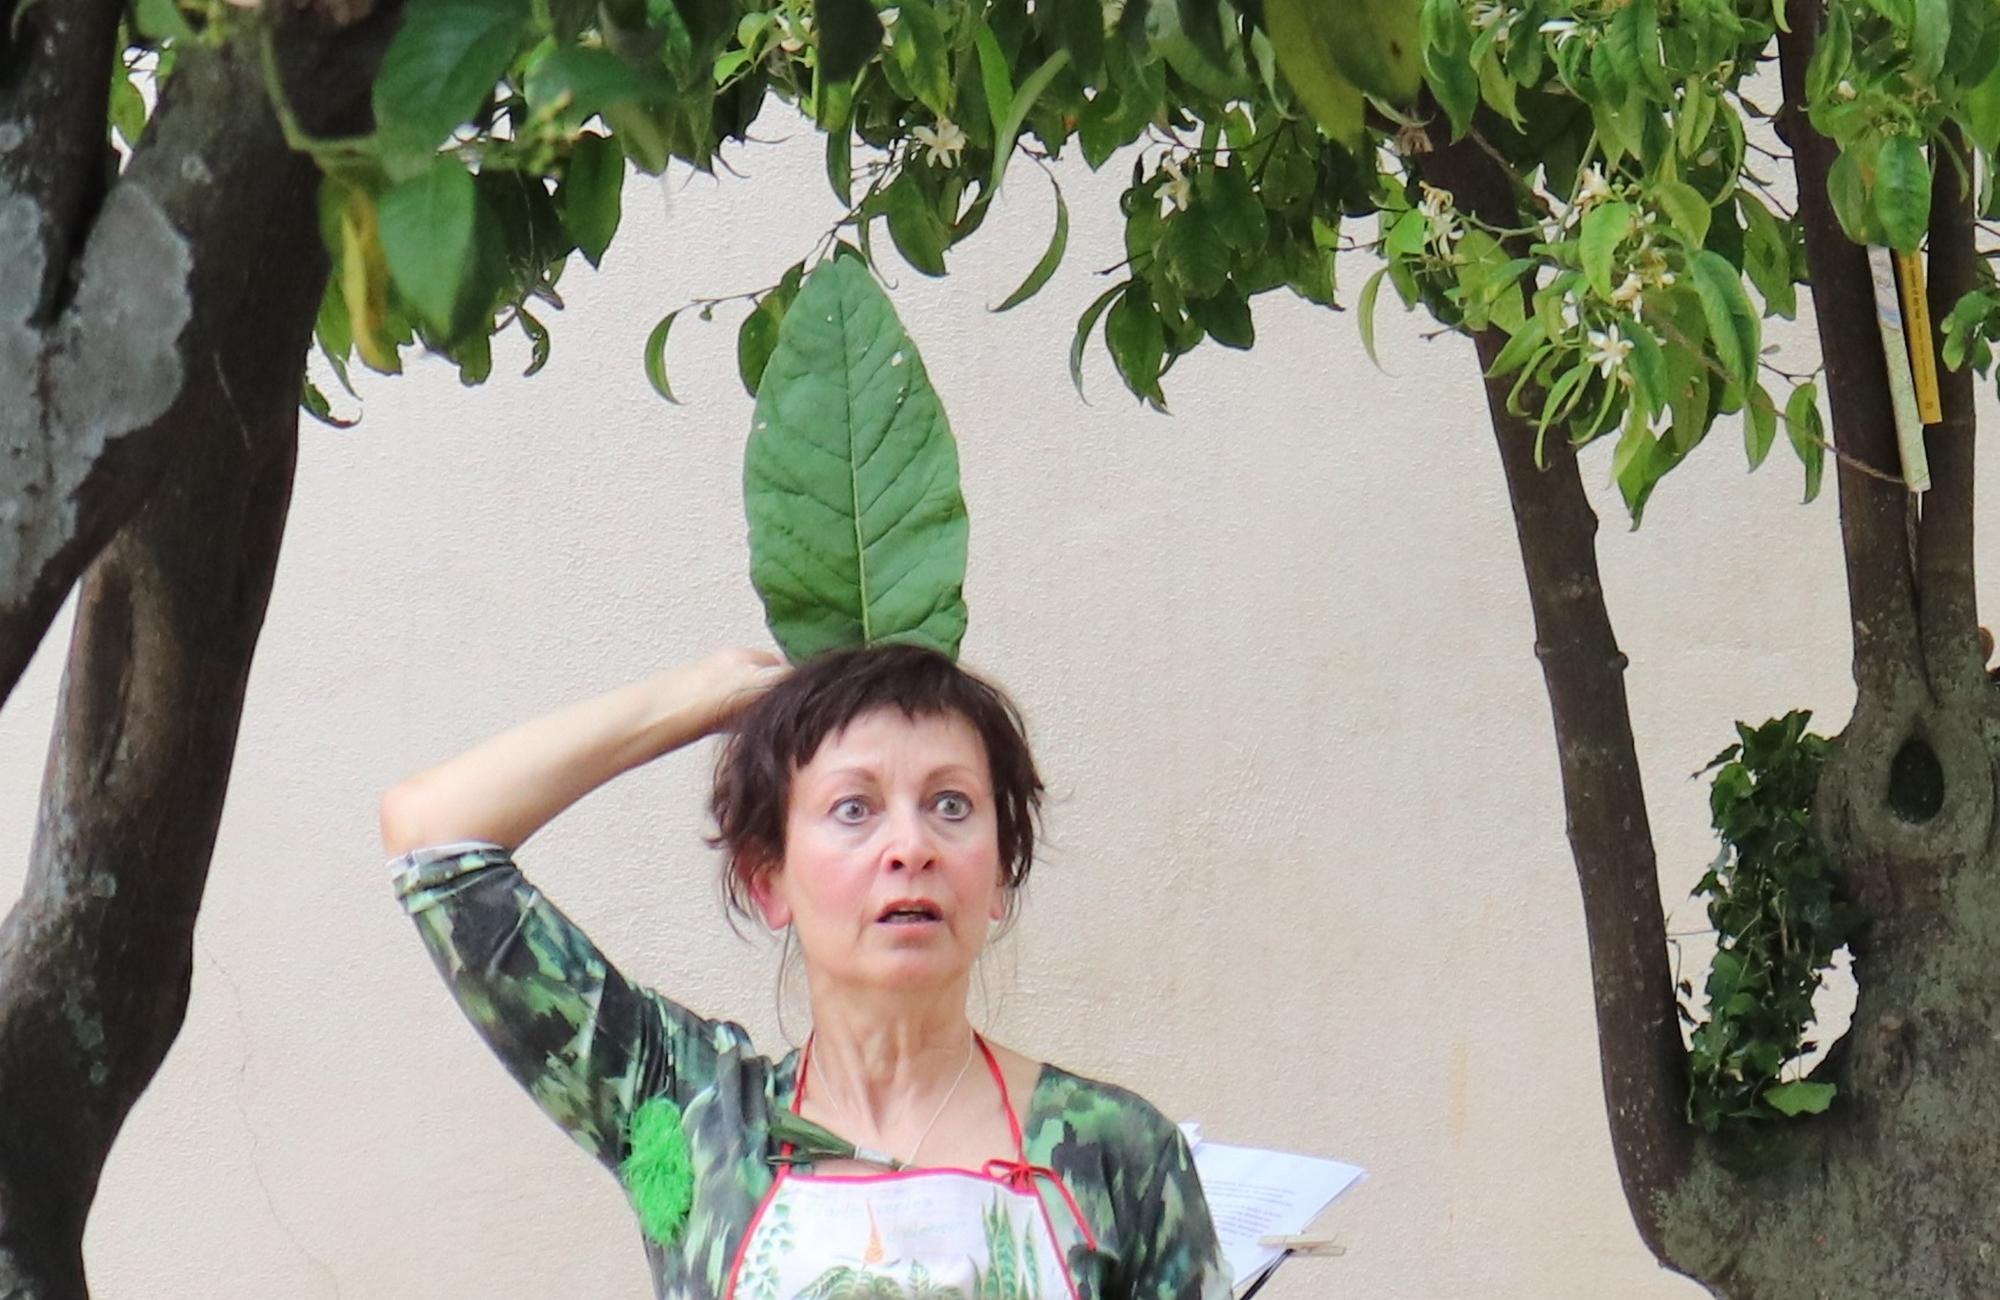 L'arbre monde est un conte romanesque de Sylviane Simonet. ©Philéas Diacoyannis